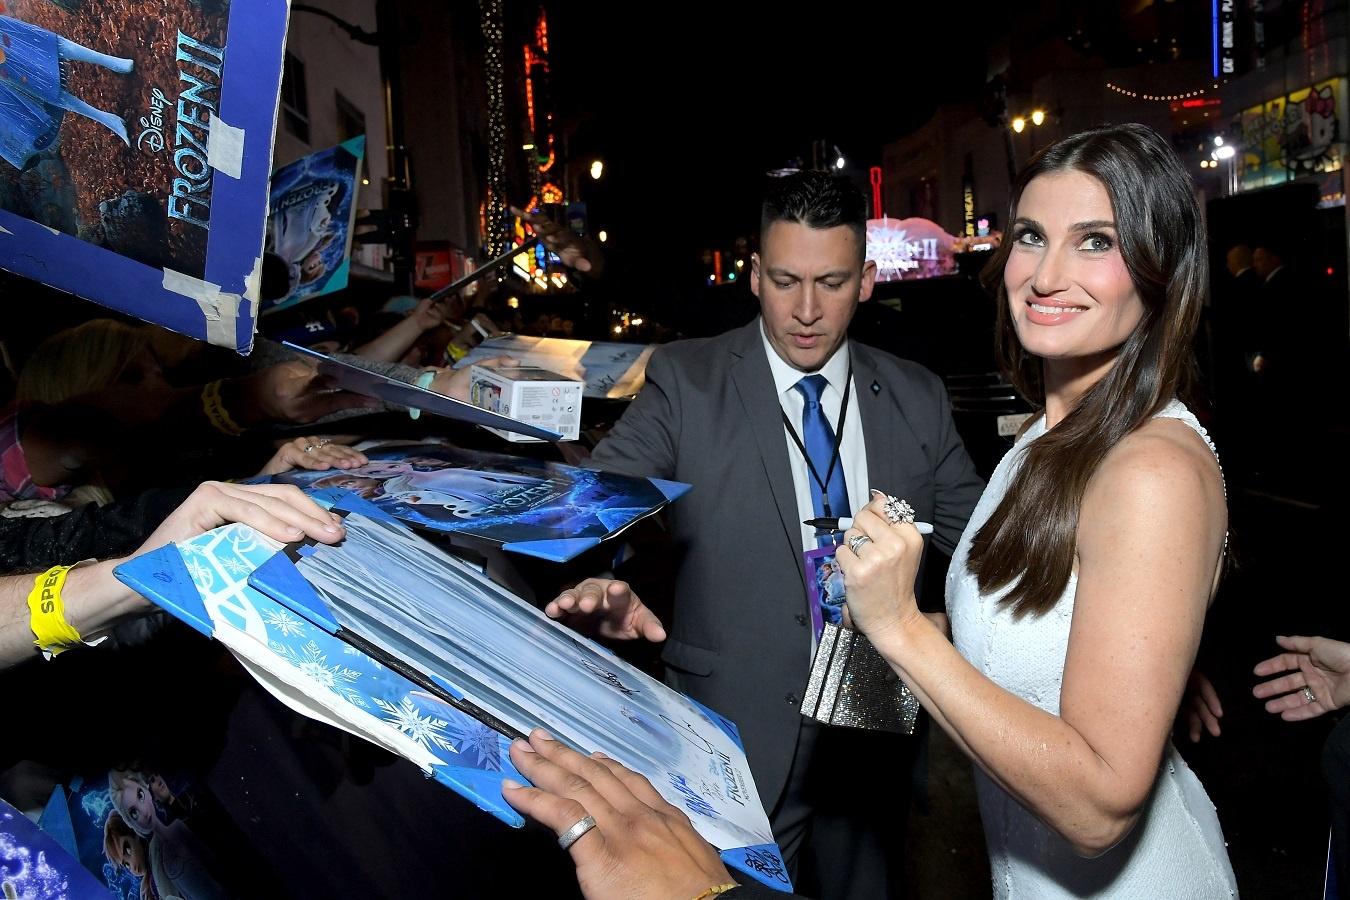 集まったファンにサインをするエルサ役のイディナ・メンゼル